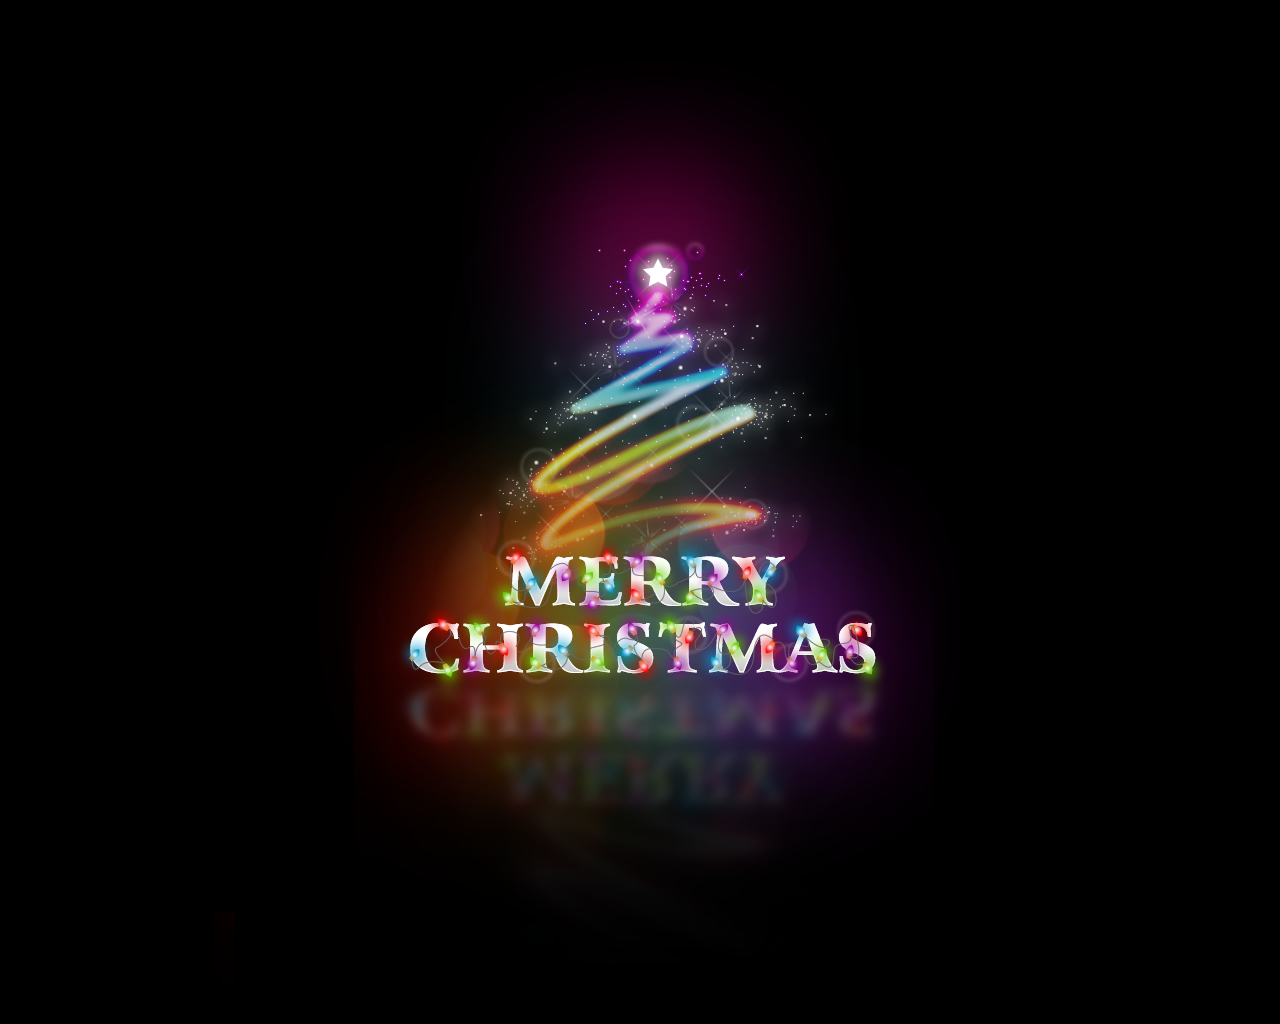 http://4.bp.blogspot.com/-PPPbDzhqHIg/UNk73h7Dj9I/AAAAAAAAAbg/3Jhly0M98z8/s1600/free-3d-merry-christmas-wallpaper_1280x1024_88557.jpg